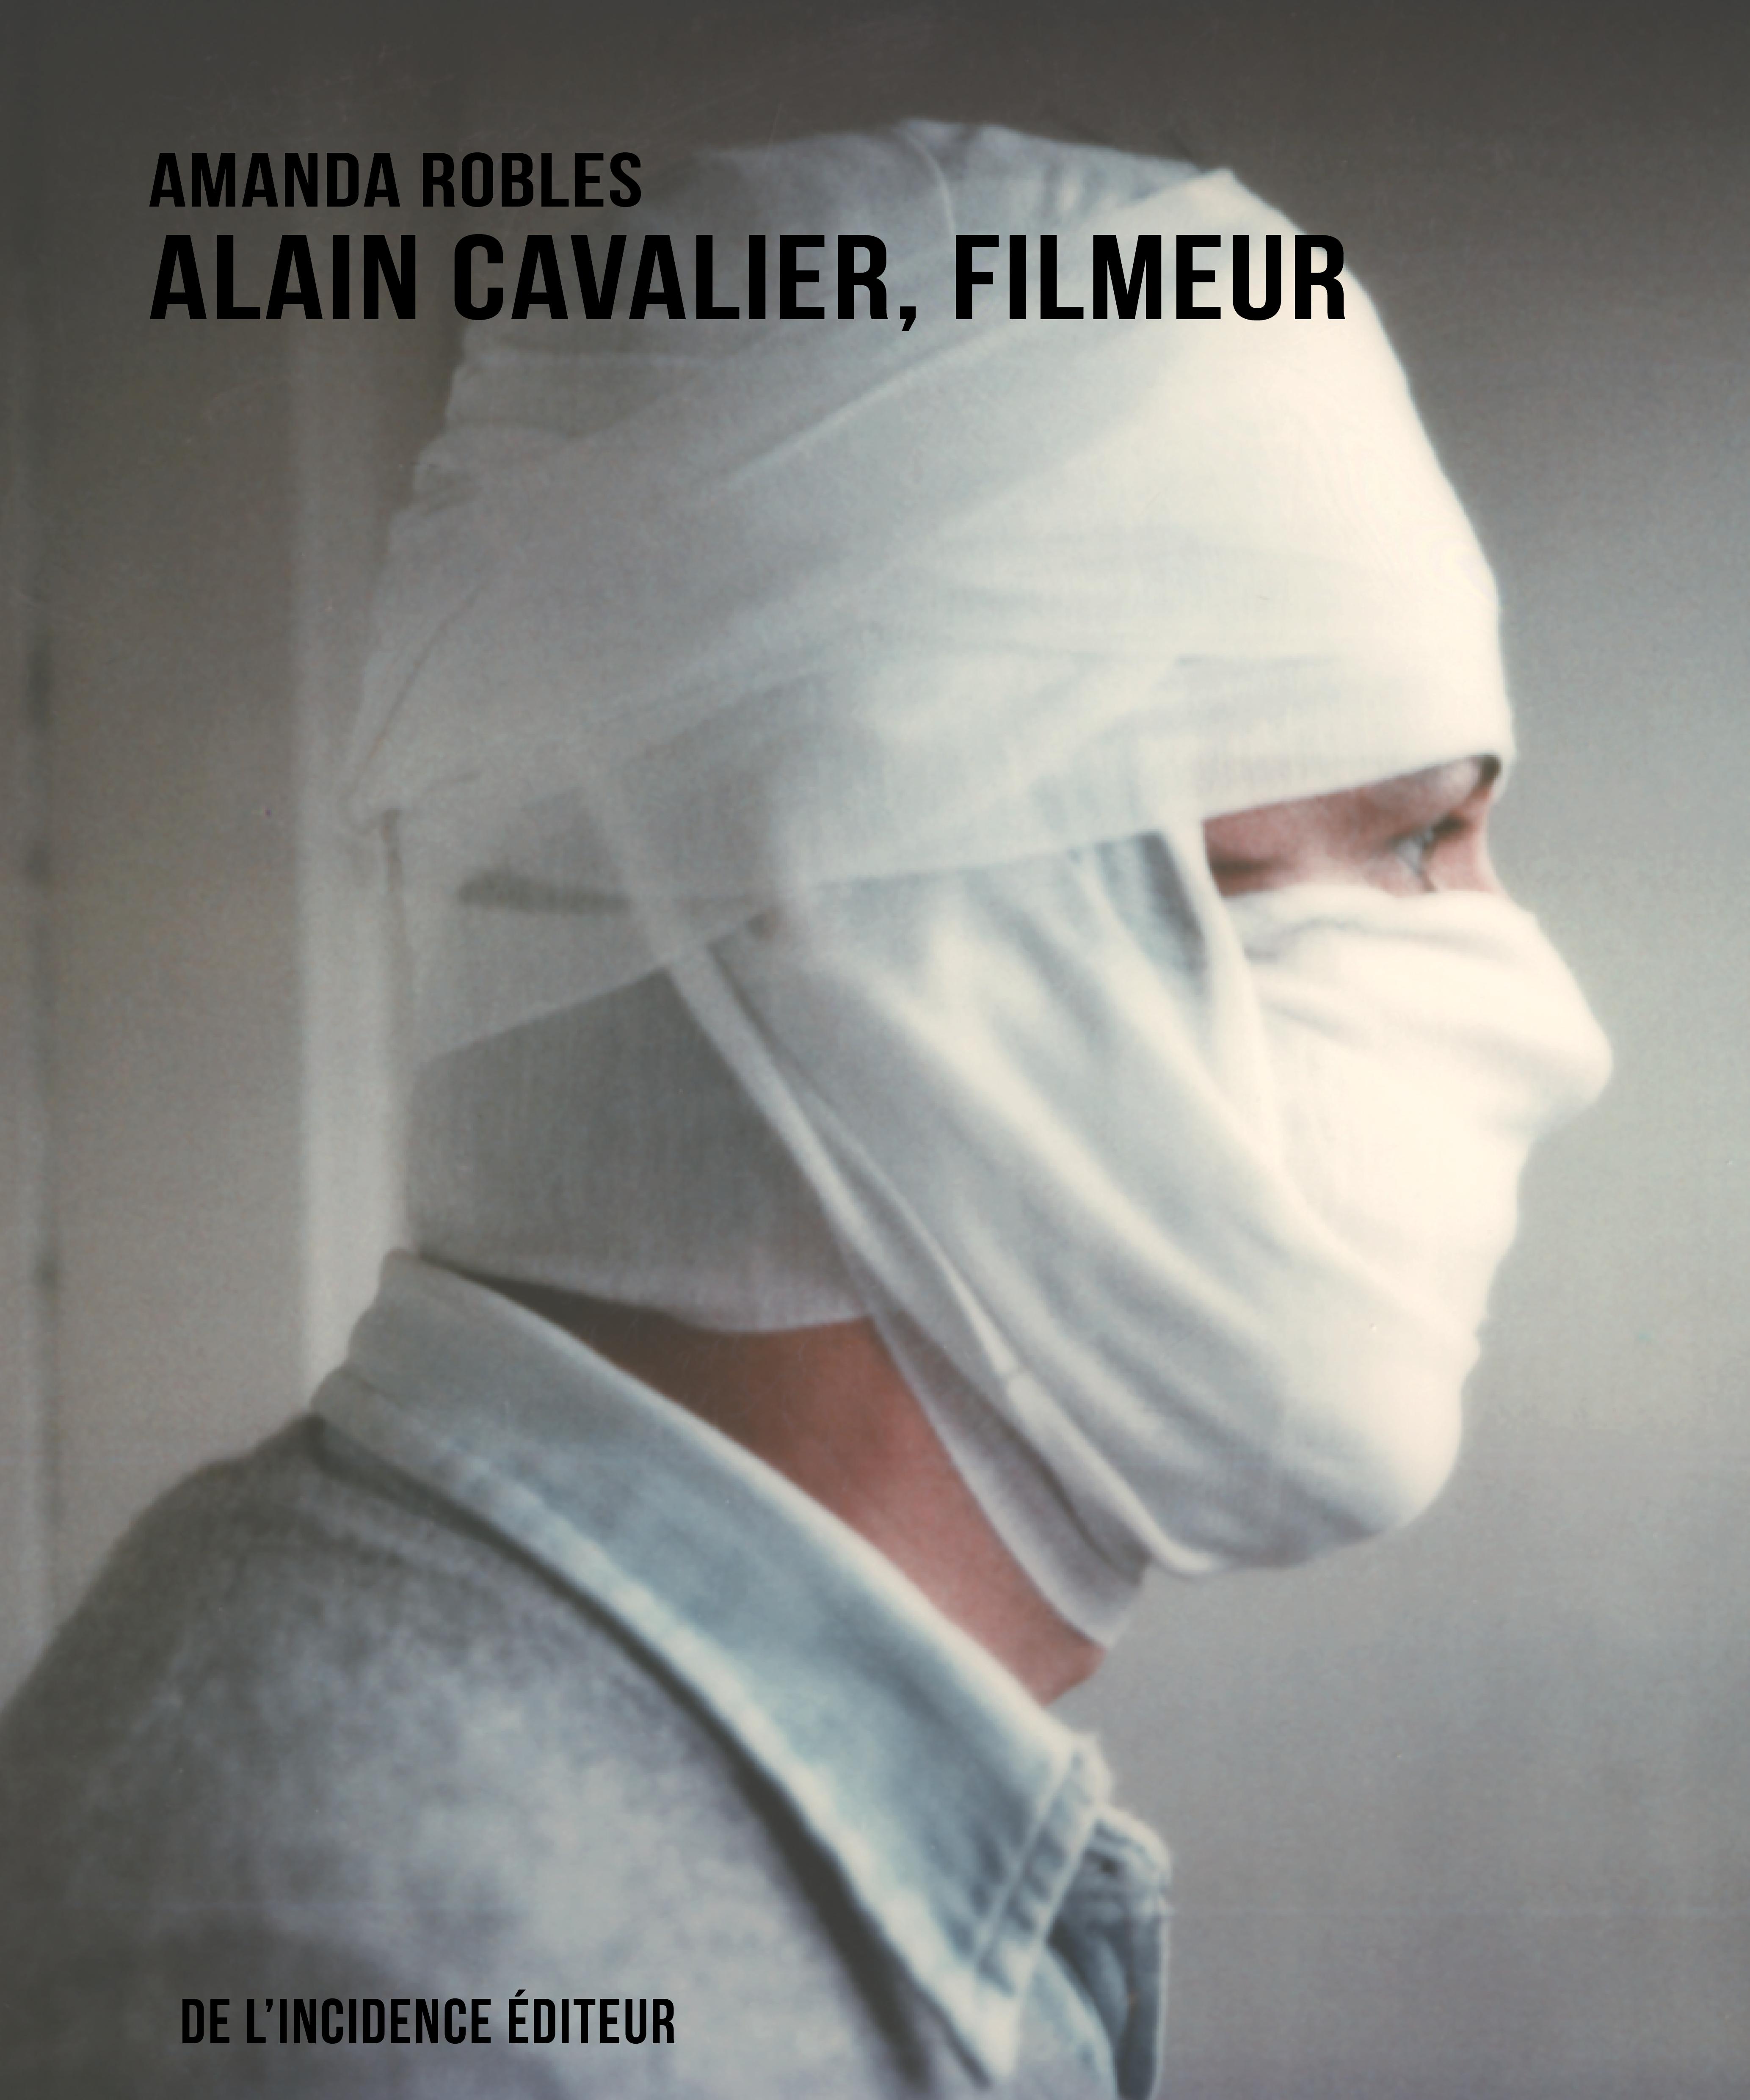 Amanda Robles, Alain Cavalier, filmeur